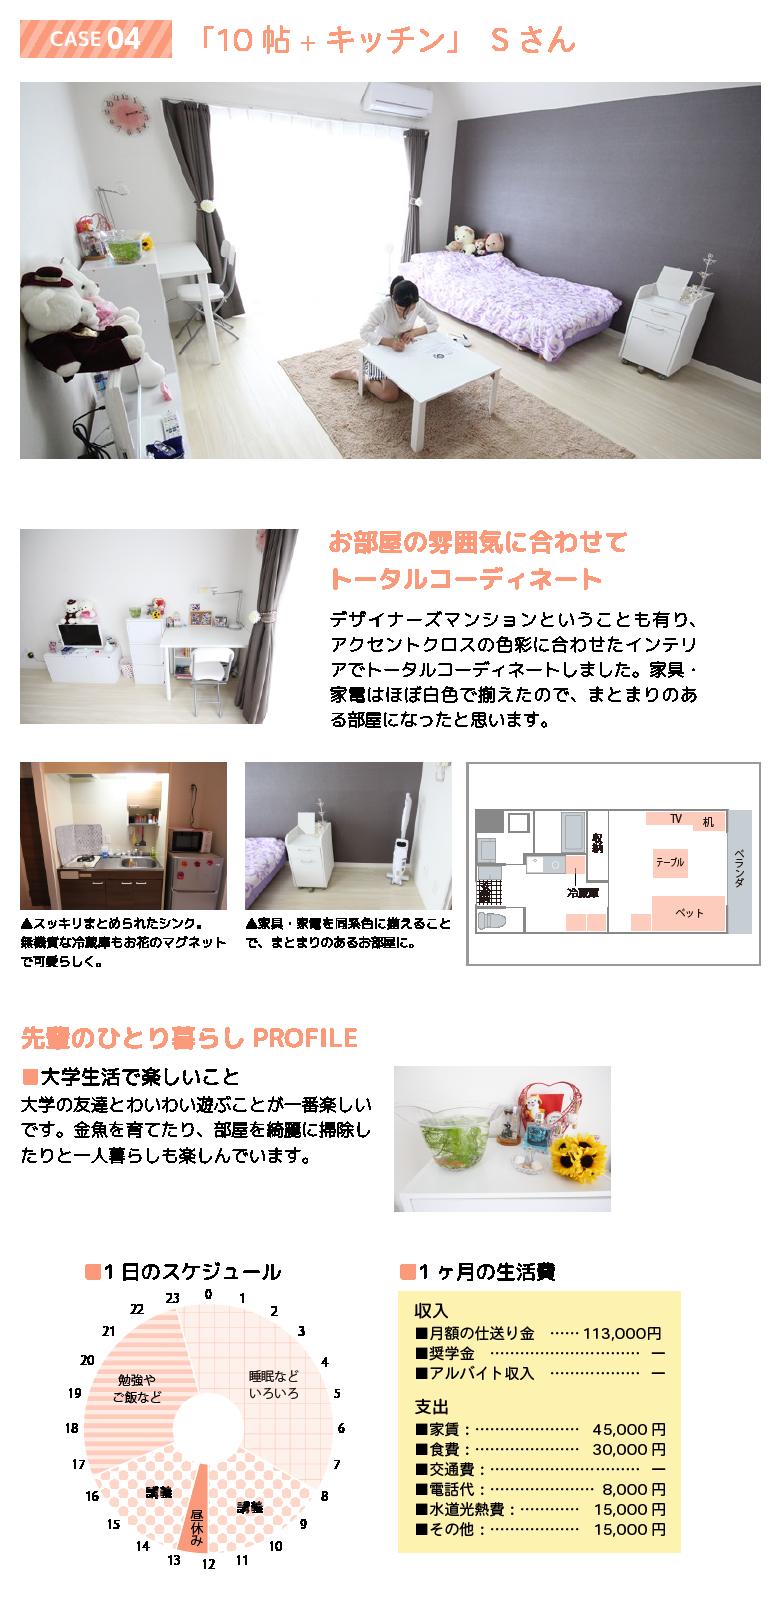 先輩のお部屋 case04